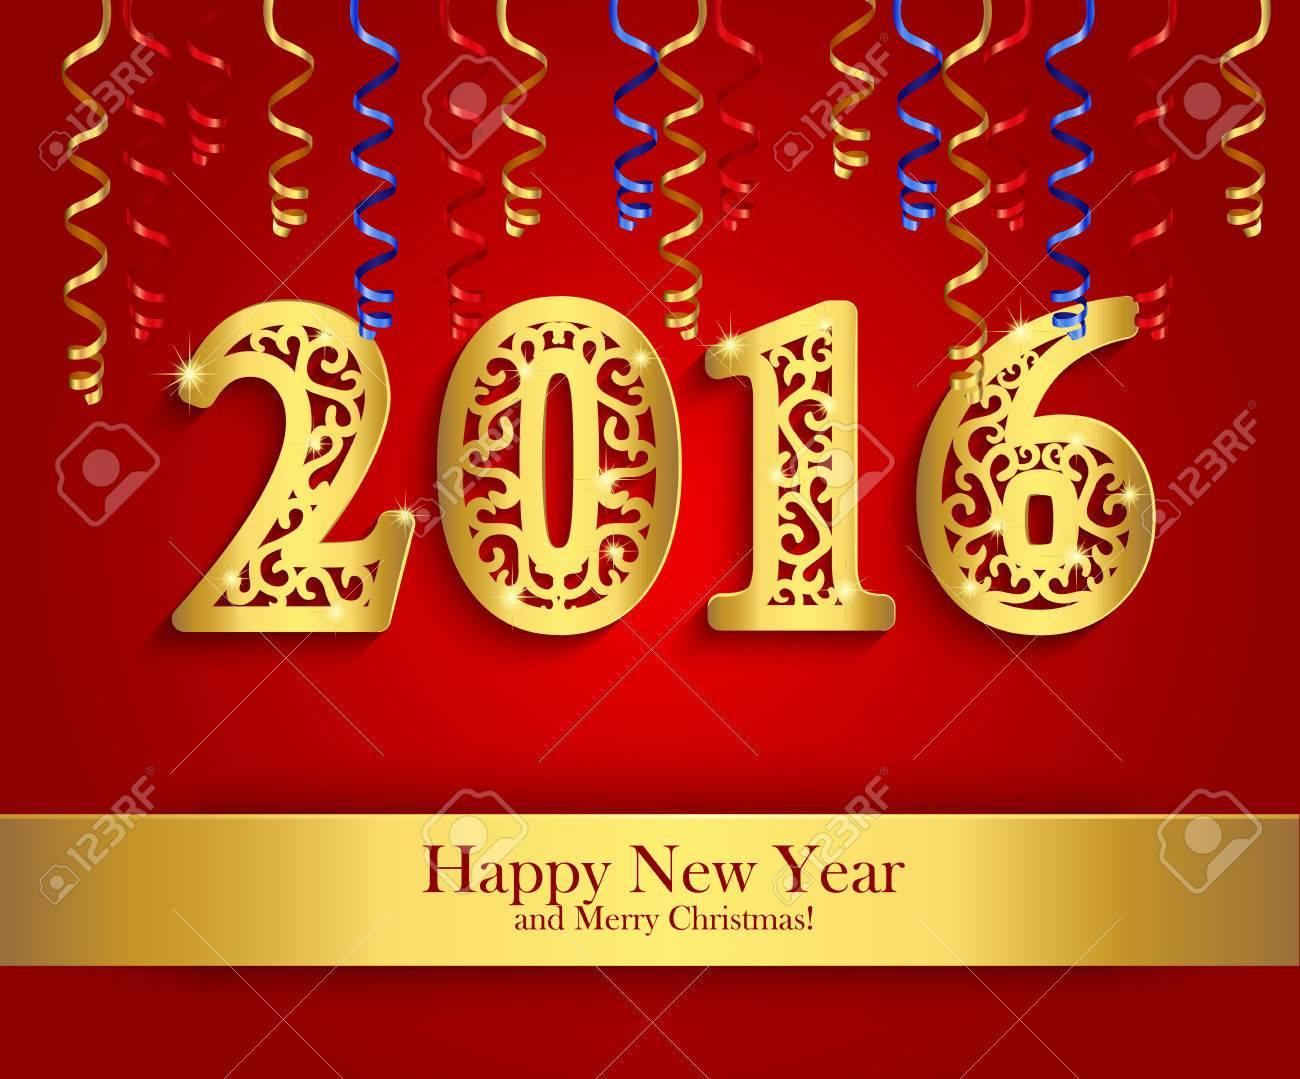 Neujahr Gruß Banner Mit Papier Streamer Und Goldenen Tag 2016. Red ...